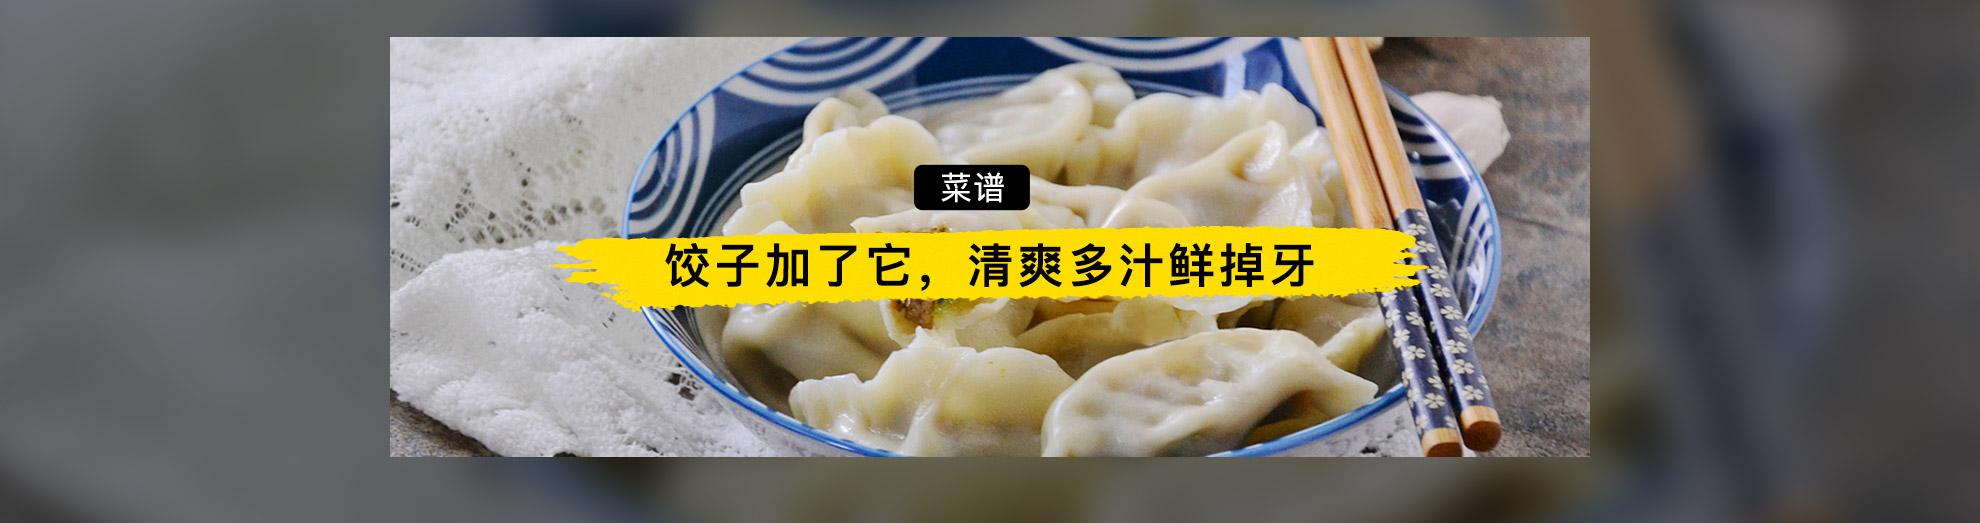 黄瓜饺子}